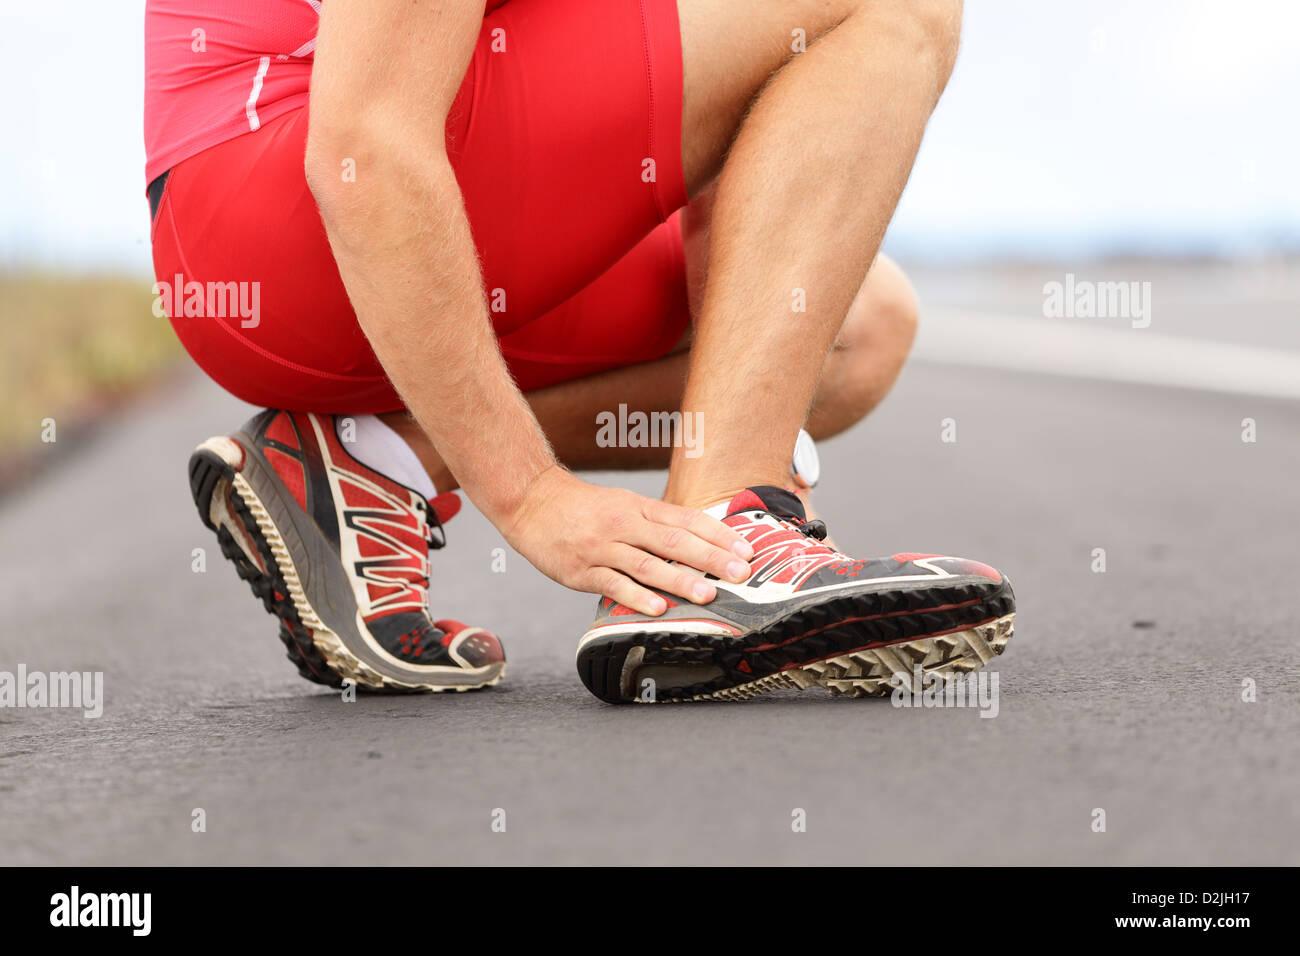 Sezione bassa del giovane maschio runner toccando il piede nel dolore a causa della caviglia slogata su strada Immagini Stock